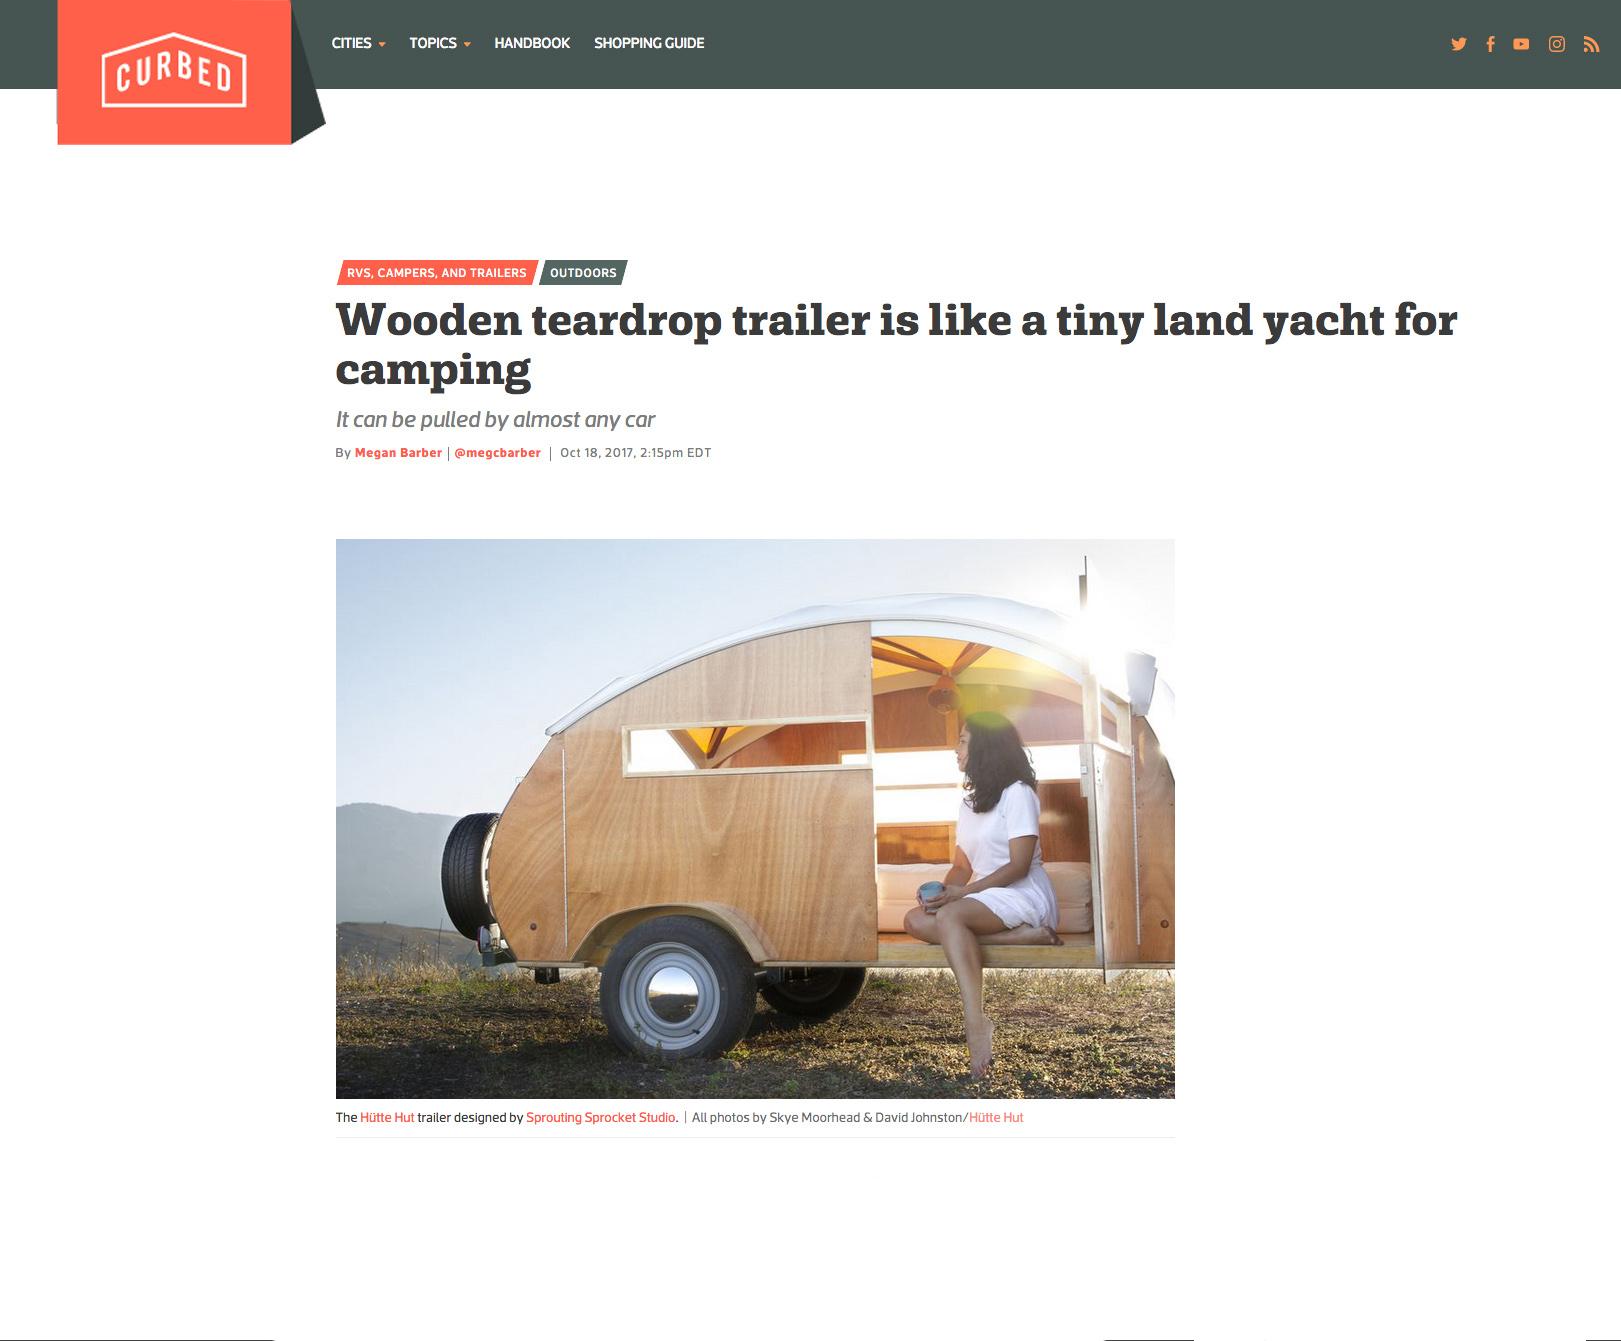 https://www.curbed.com/2017/10/18/16497486/hutte-hut-teardrop-trailer-wood